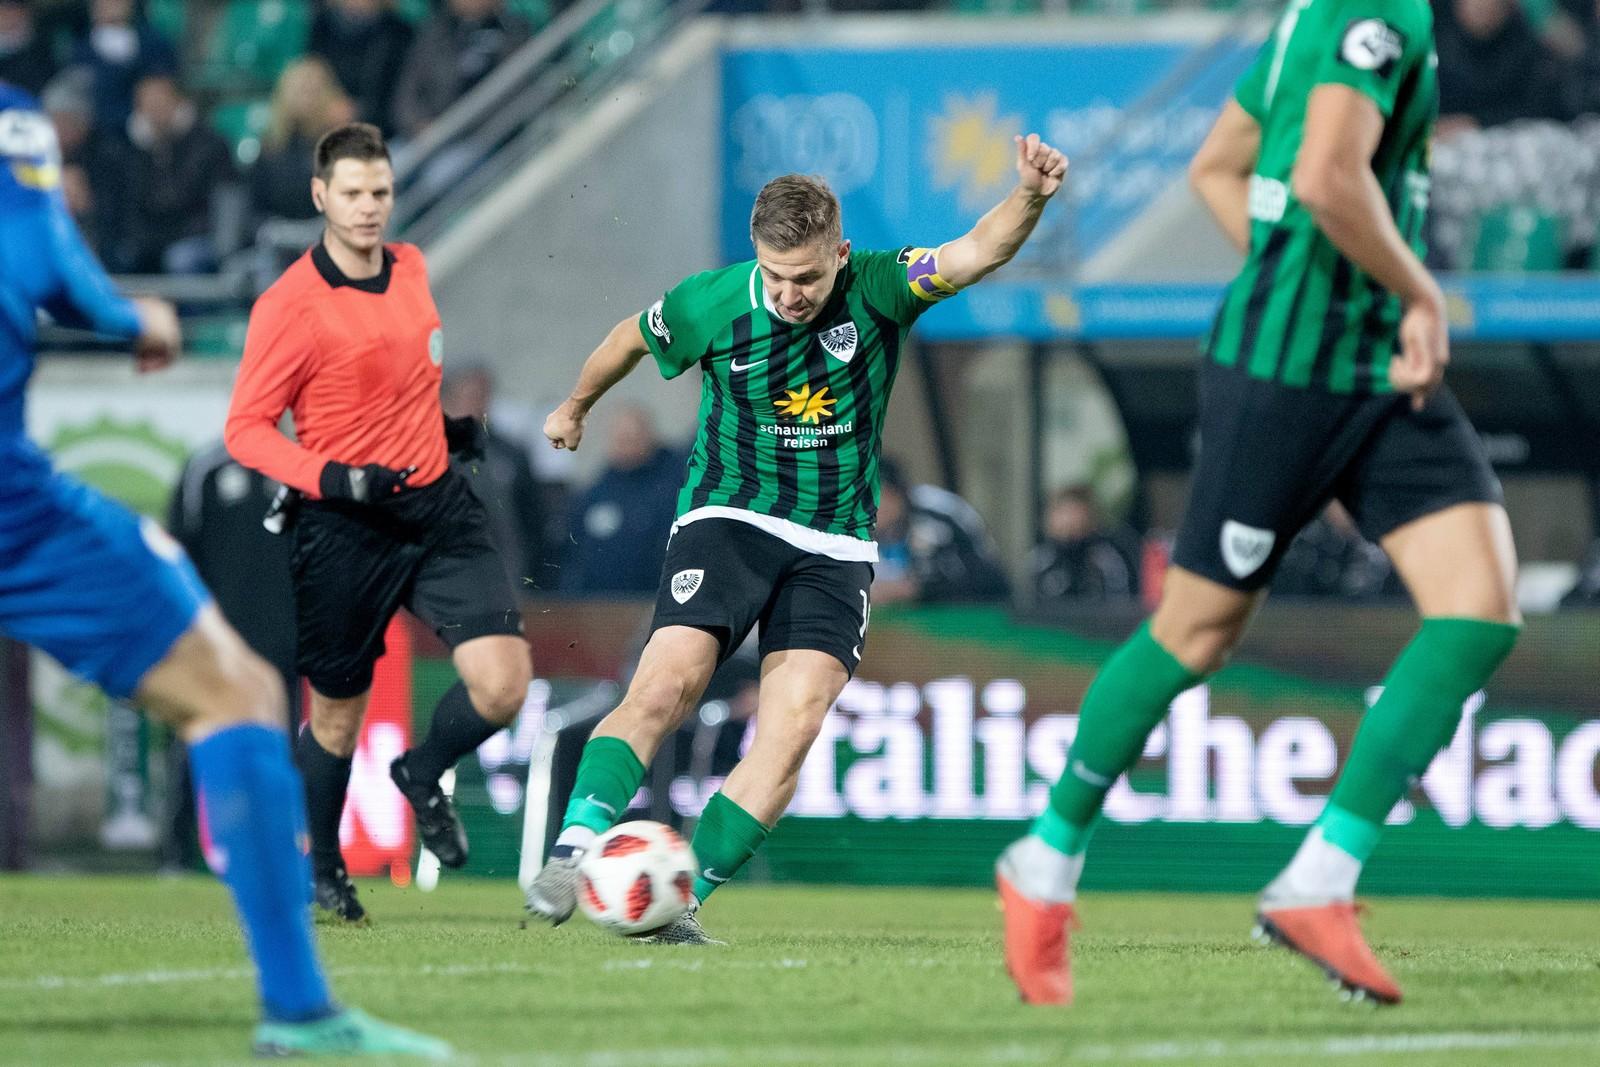 Martin Kobylanski erzielte gegen Eintracht Braunschweig seinen ersten Hattrick als Profi.